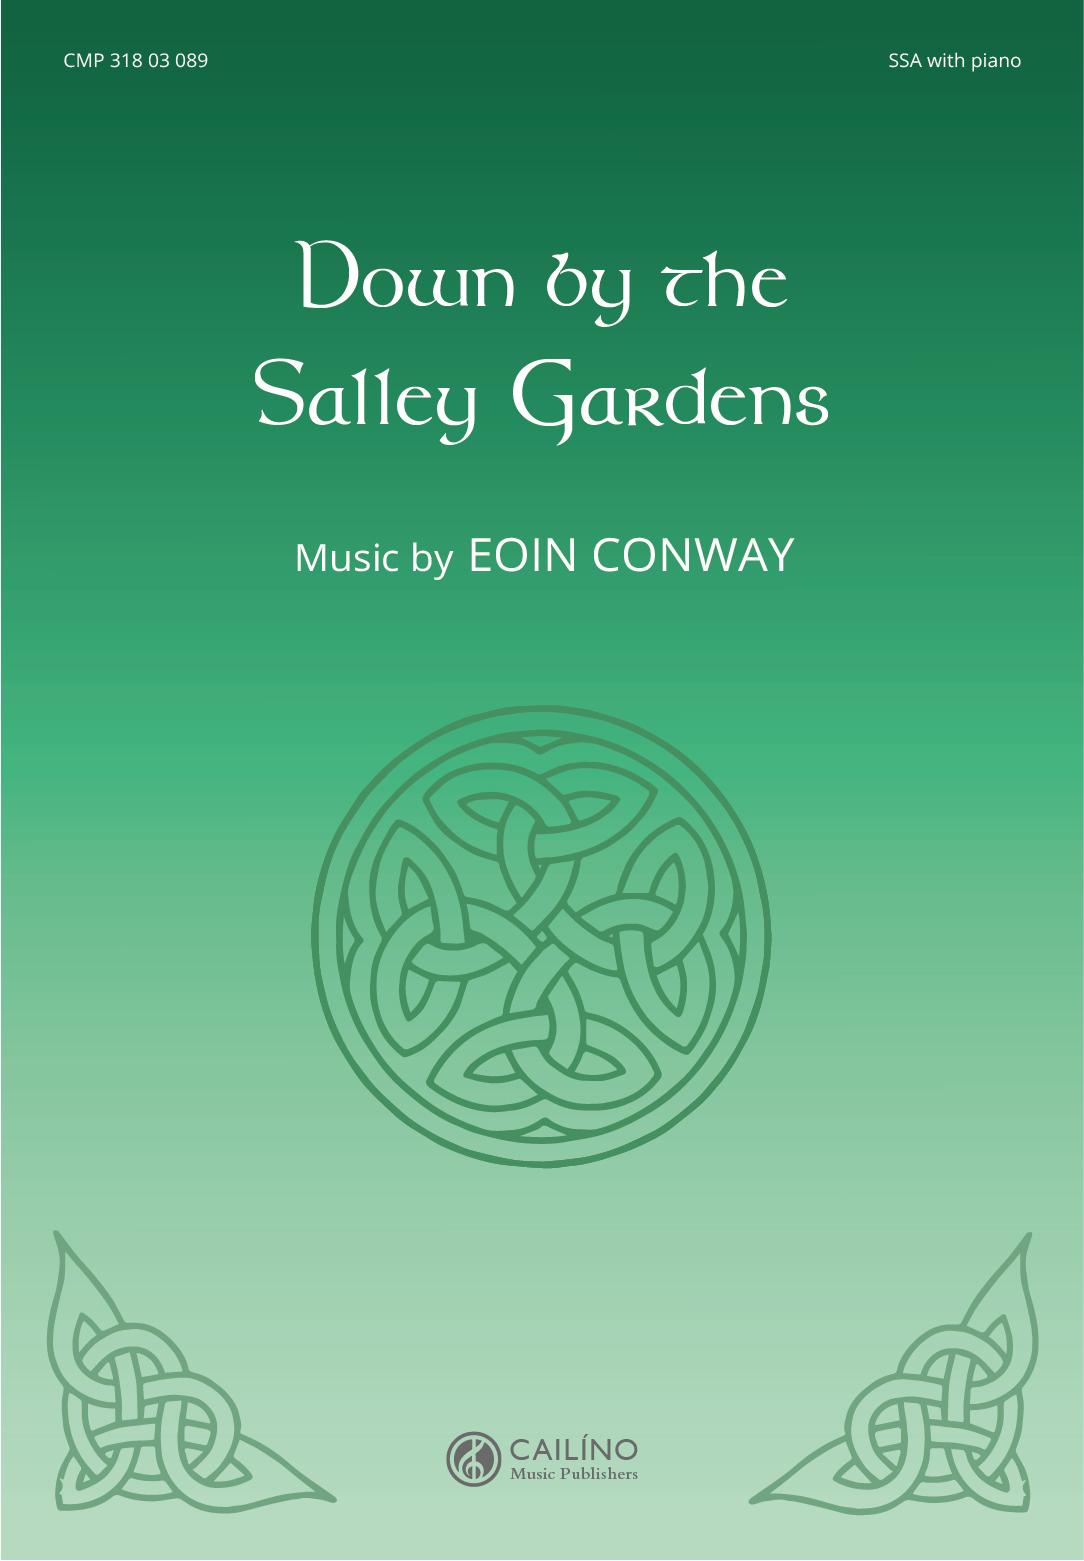 Eoin Conway | Cailíno